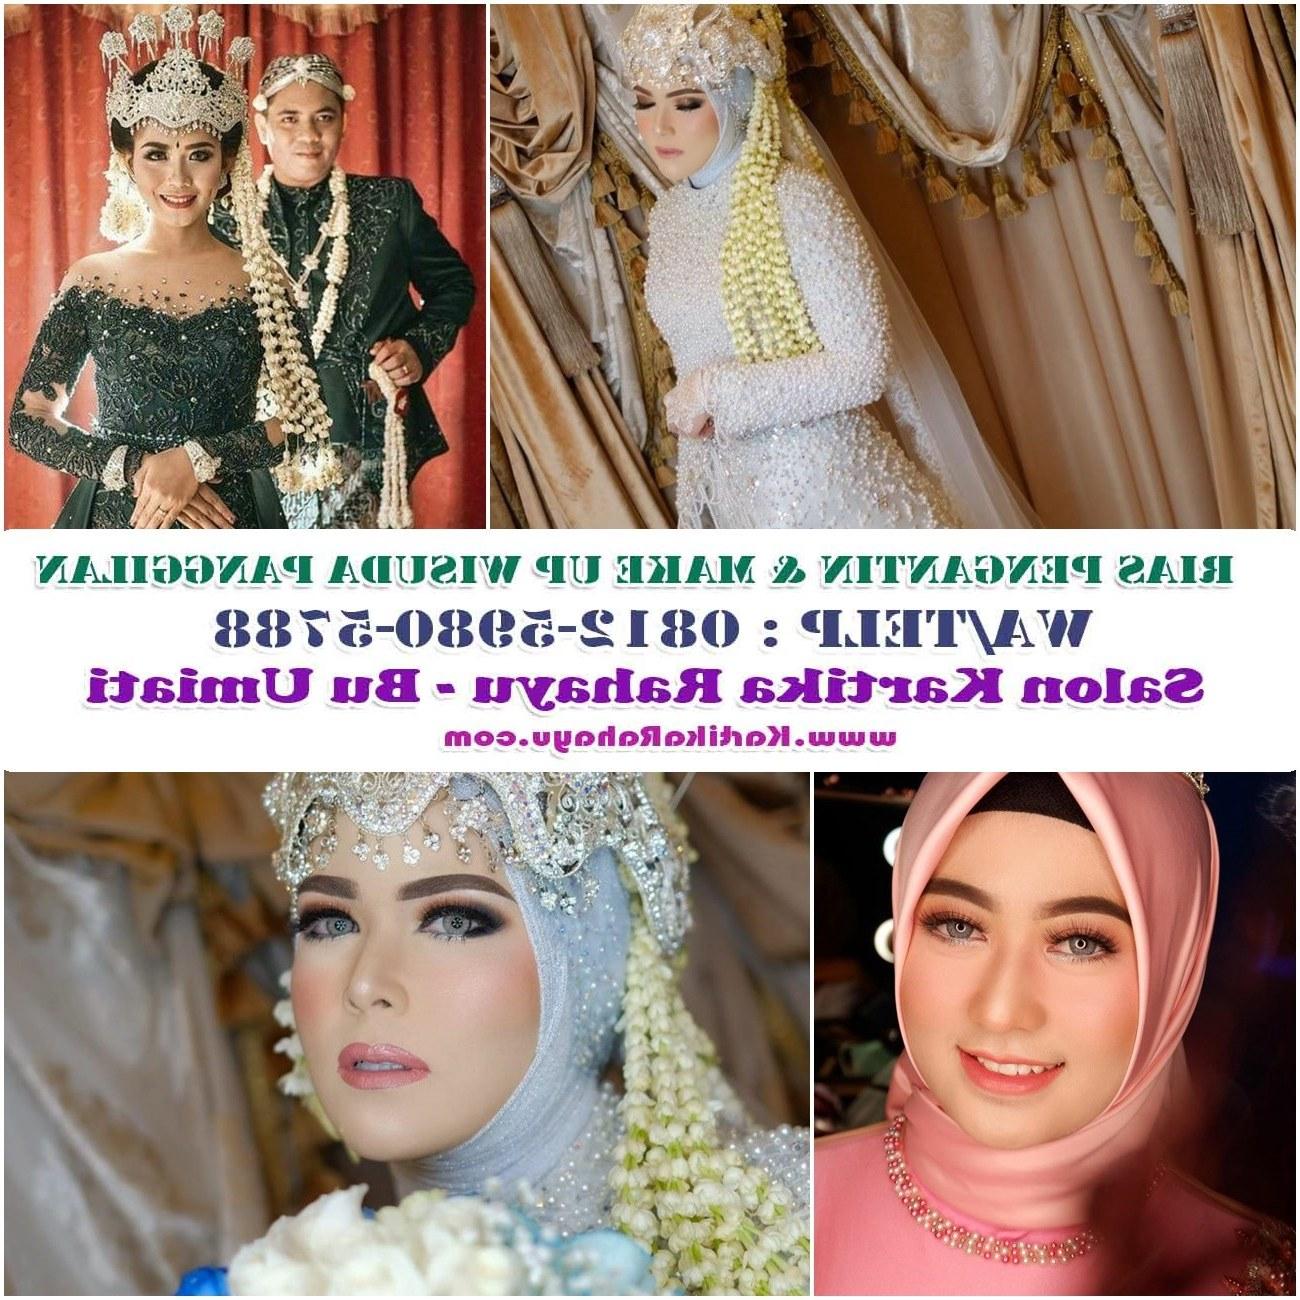 Ide Sewa Baju Pengantin Muslimah Bandung Wddj Rias Pengantin Kota Malang Jawa Timur